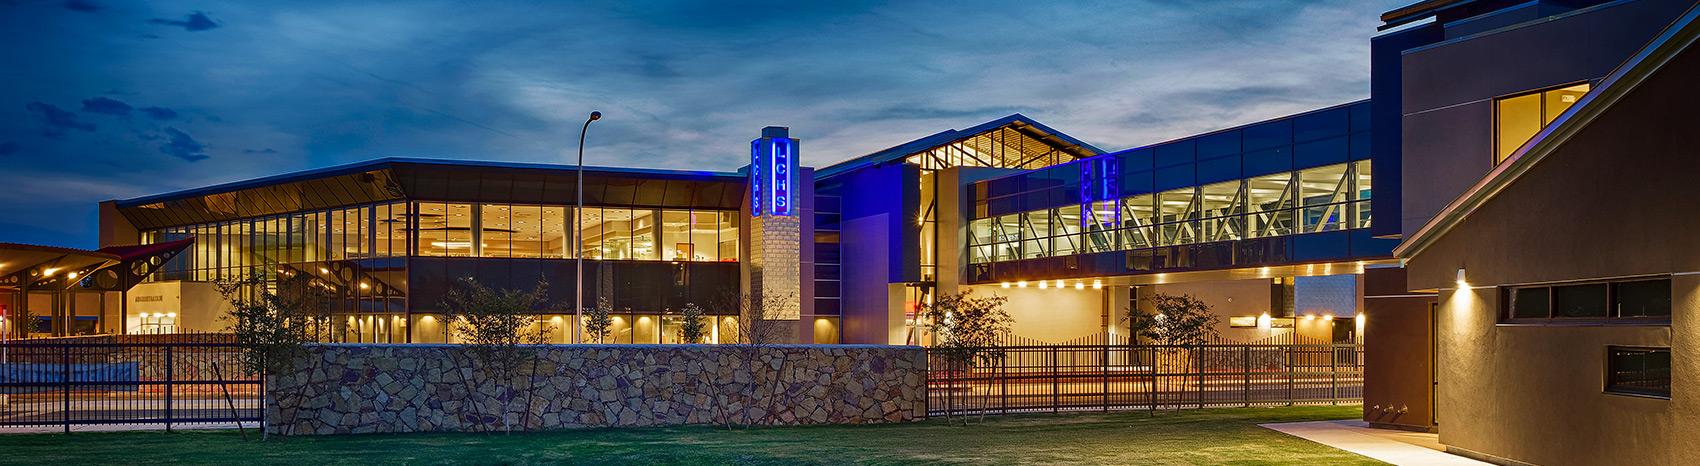 Las Cruces High School